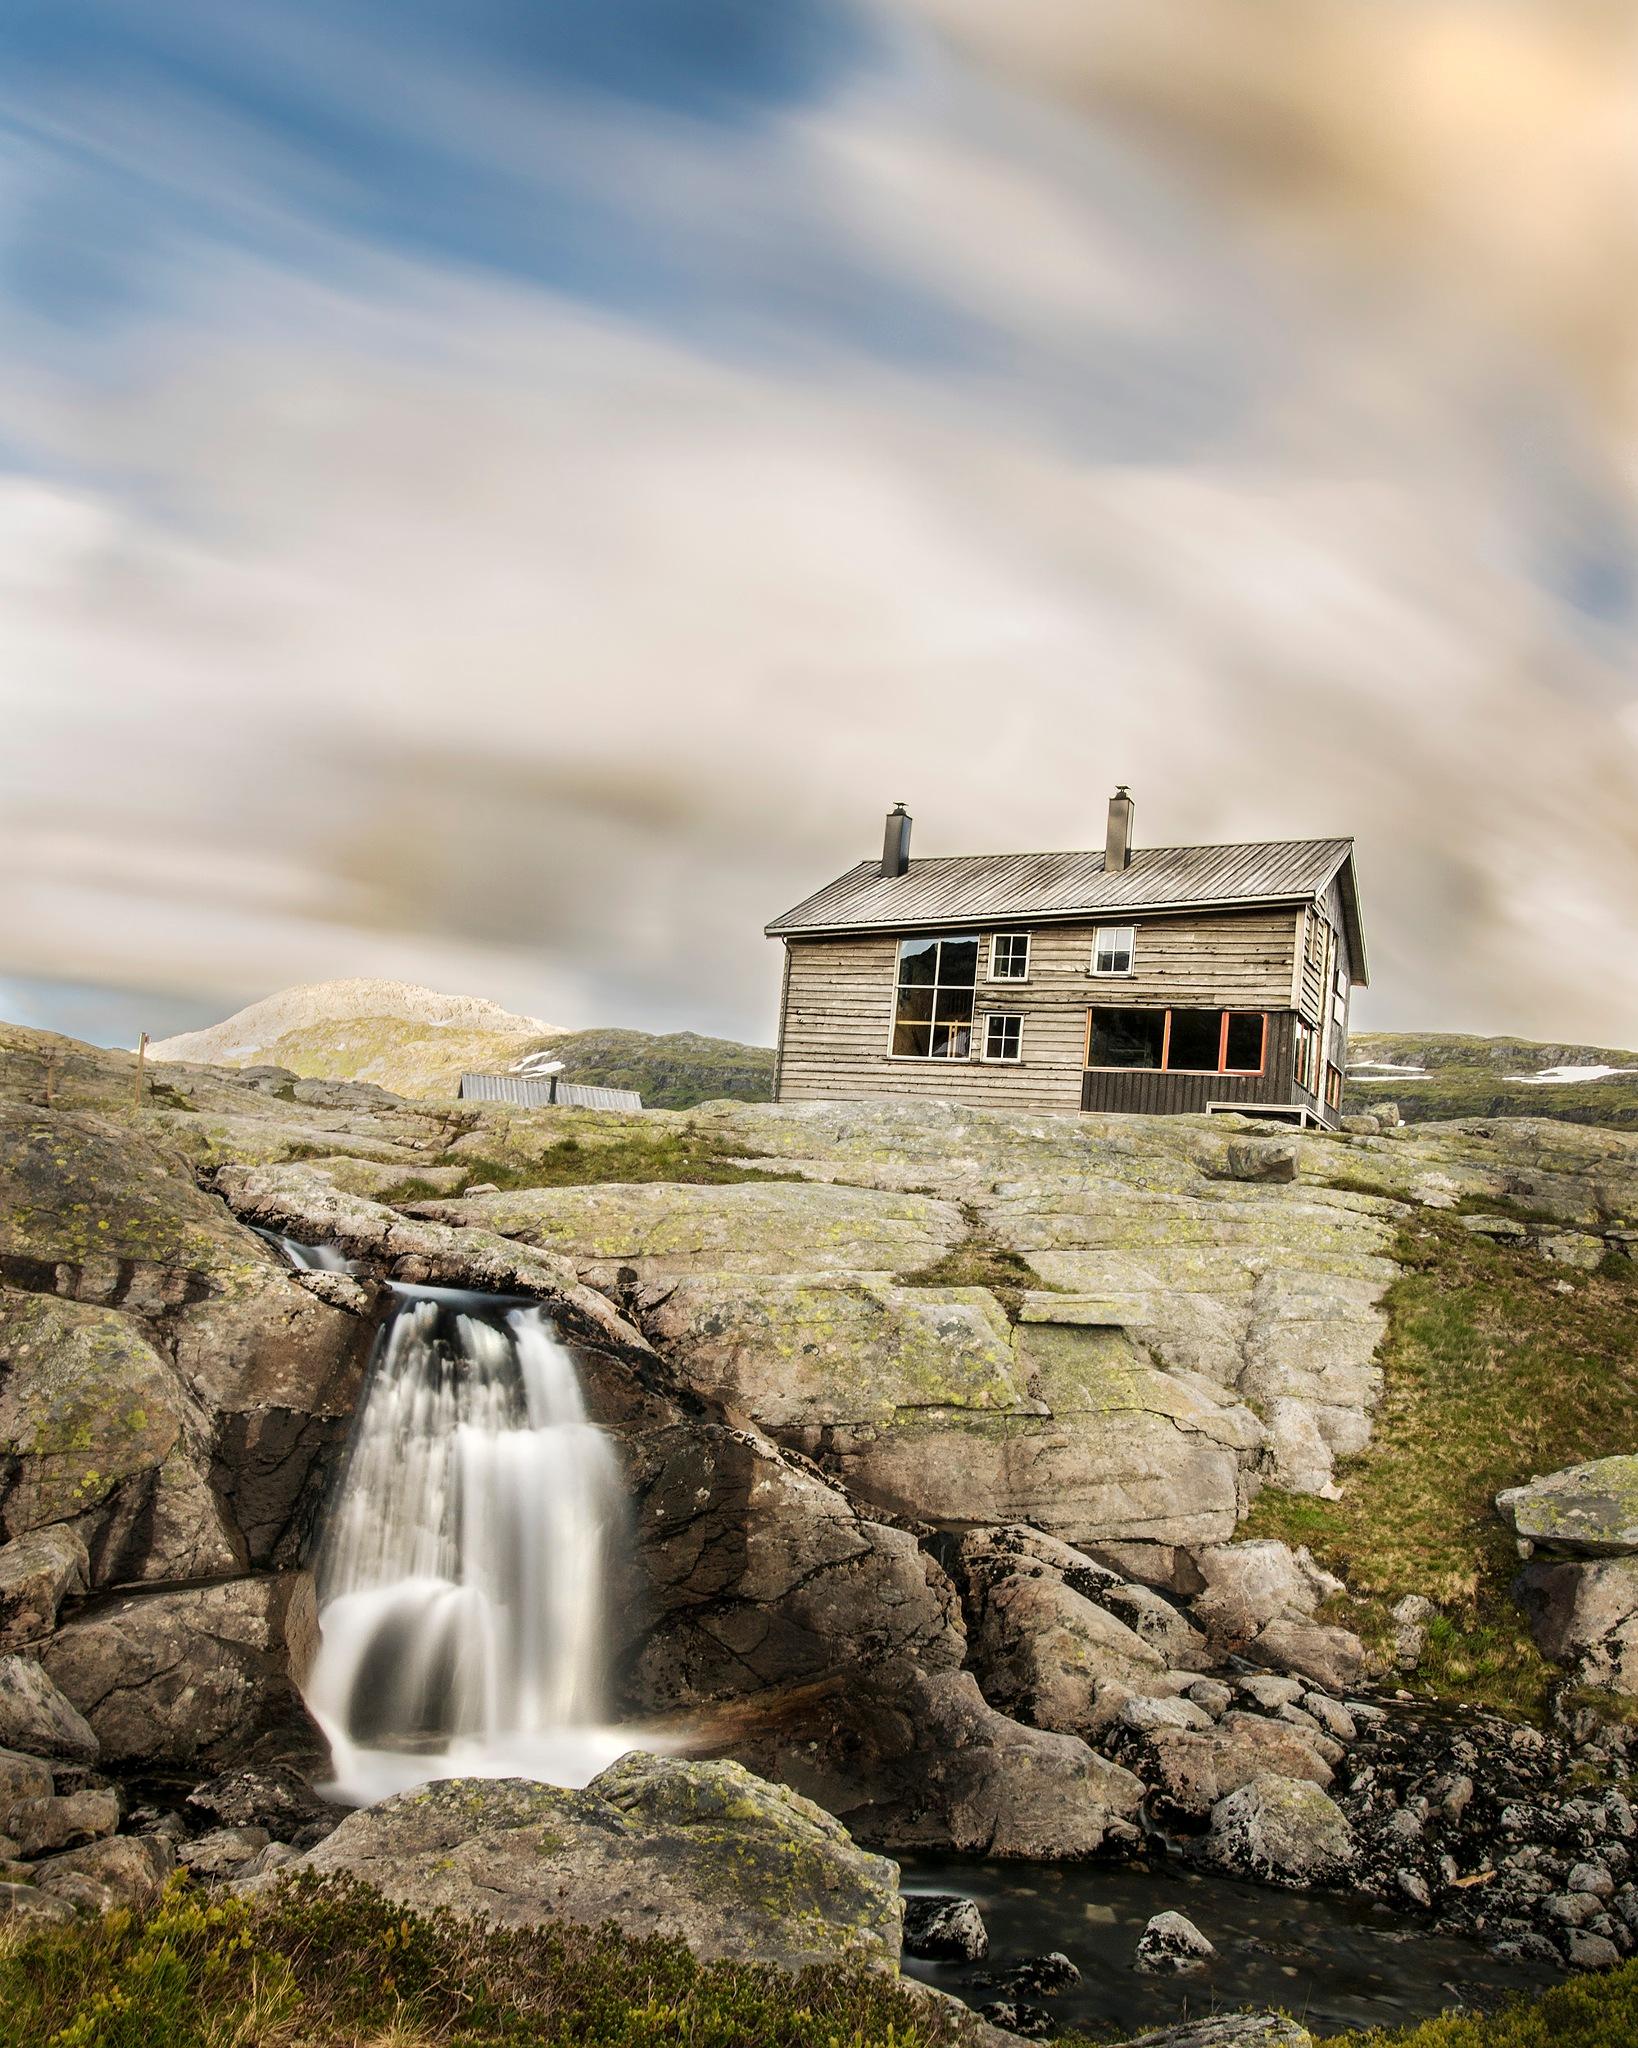 Turist Cabin by Stian Hogstvedt